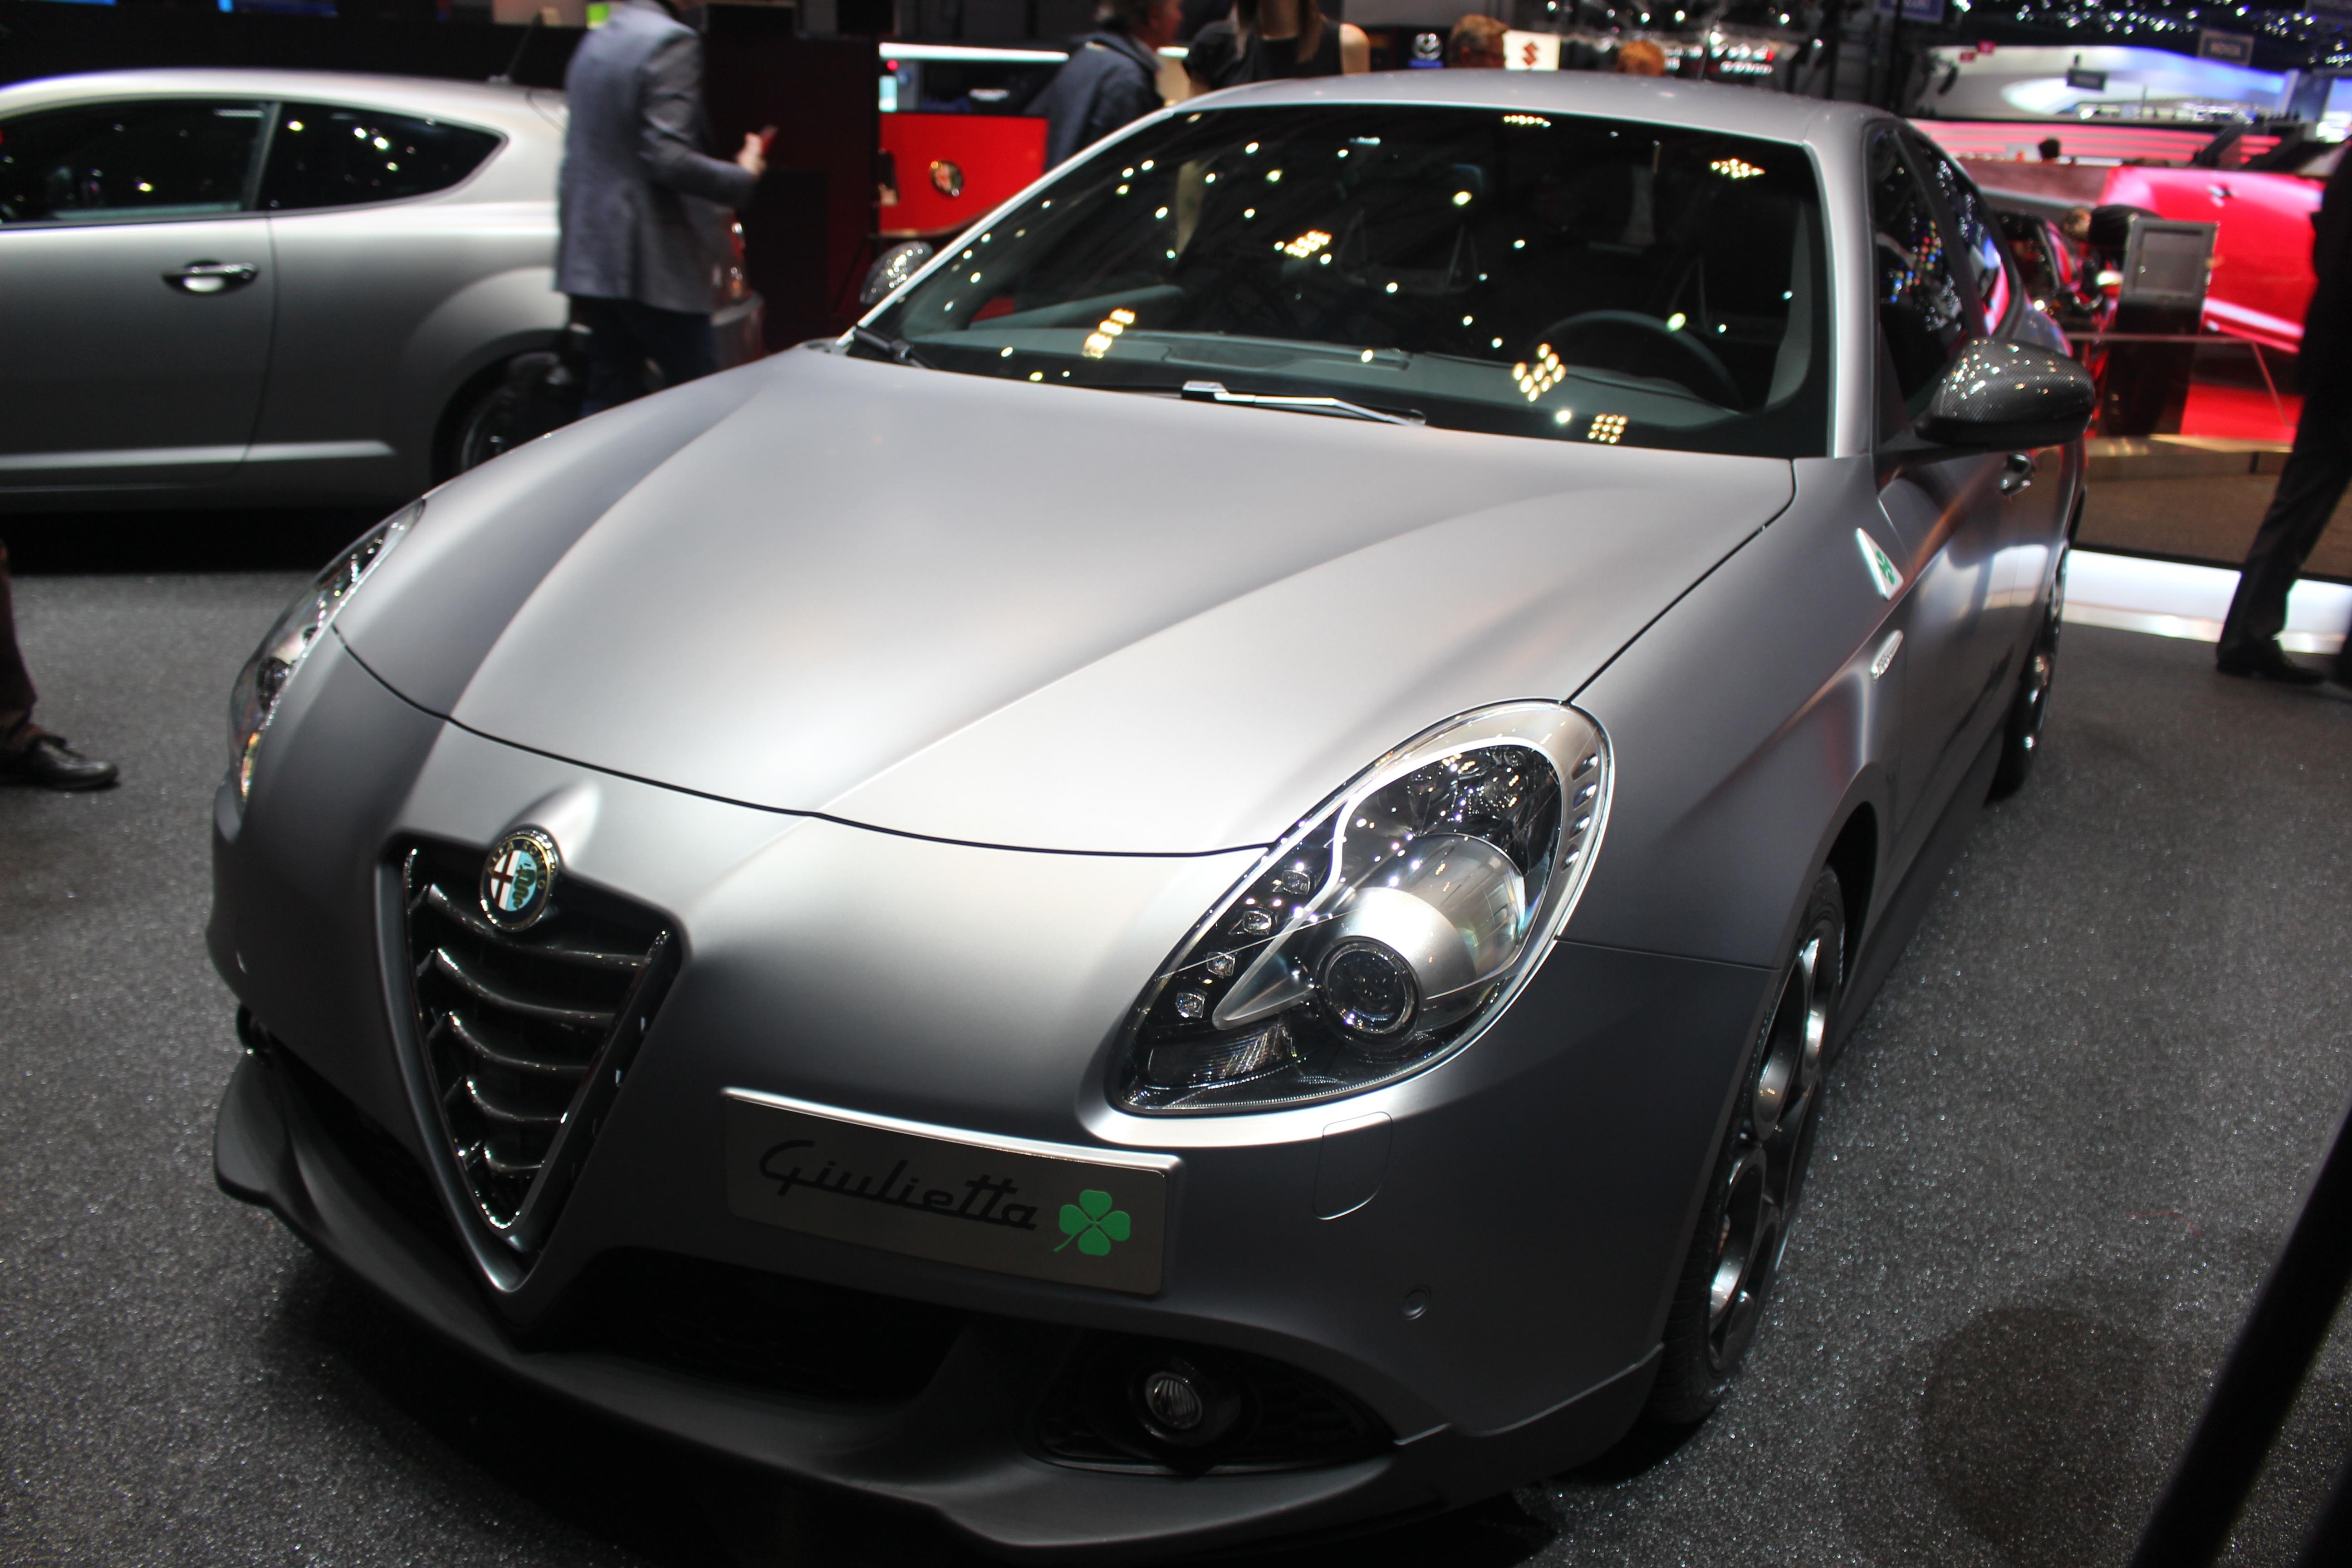 http://images.caradisiac.com/images/2/8/0/8/92808/S0-En-direct-de-Geneve-2014-Alfa-Romeo-Giulietta-et-MiTo-Quadrifoglio-Verde-le-retour-du-trefle-315933.jpg